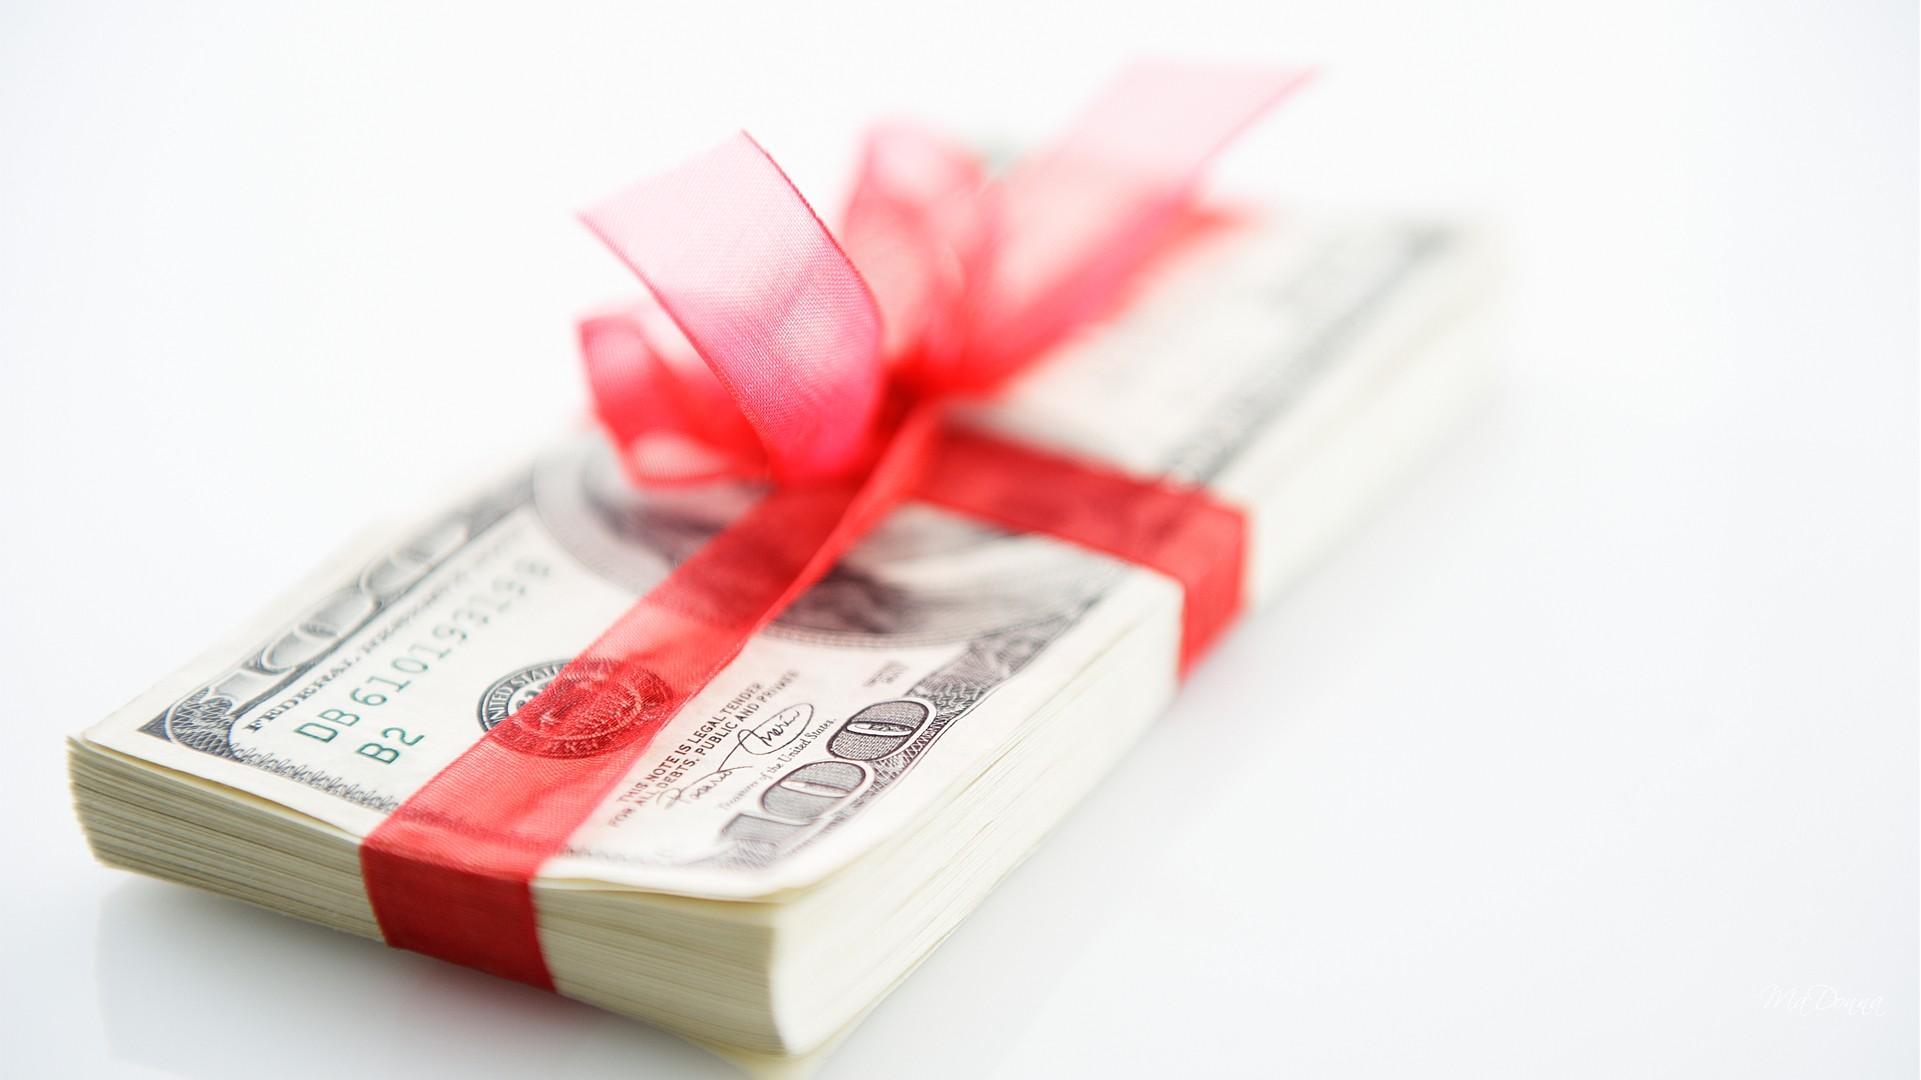 Материальная помощь или подарок работнику